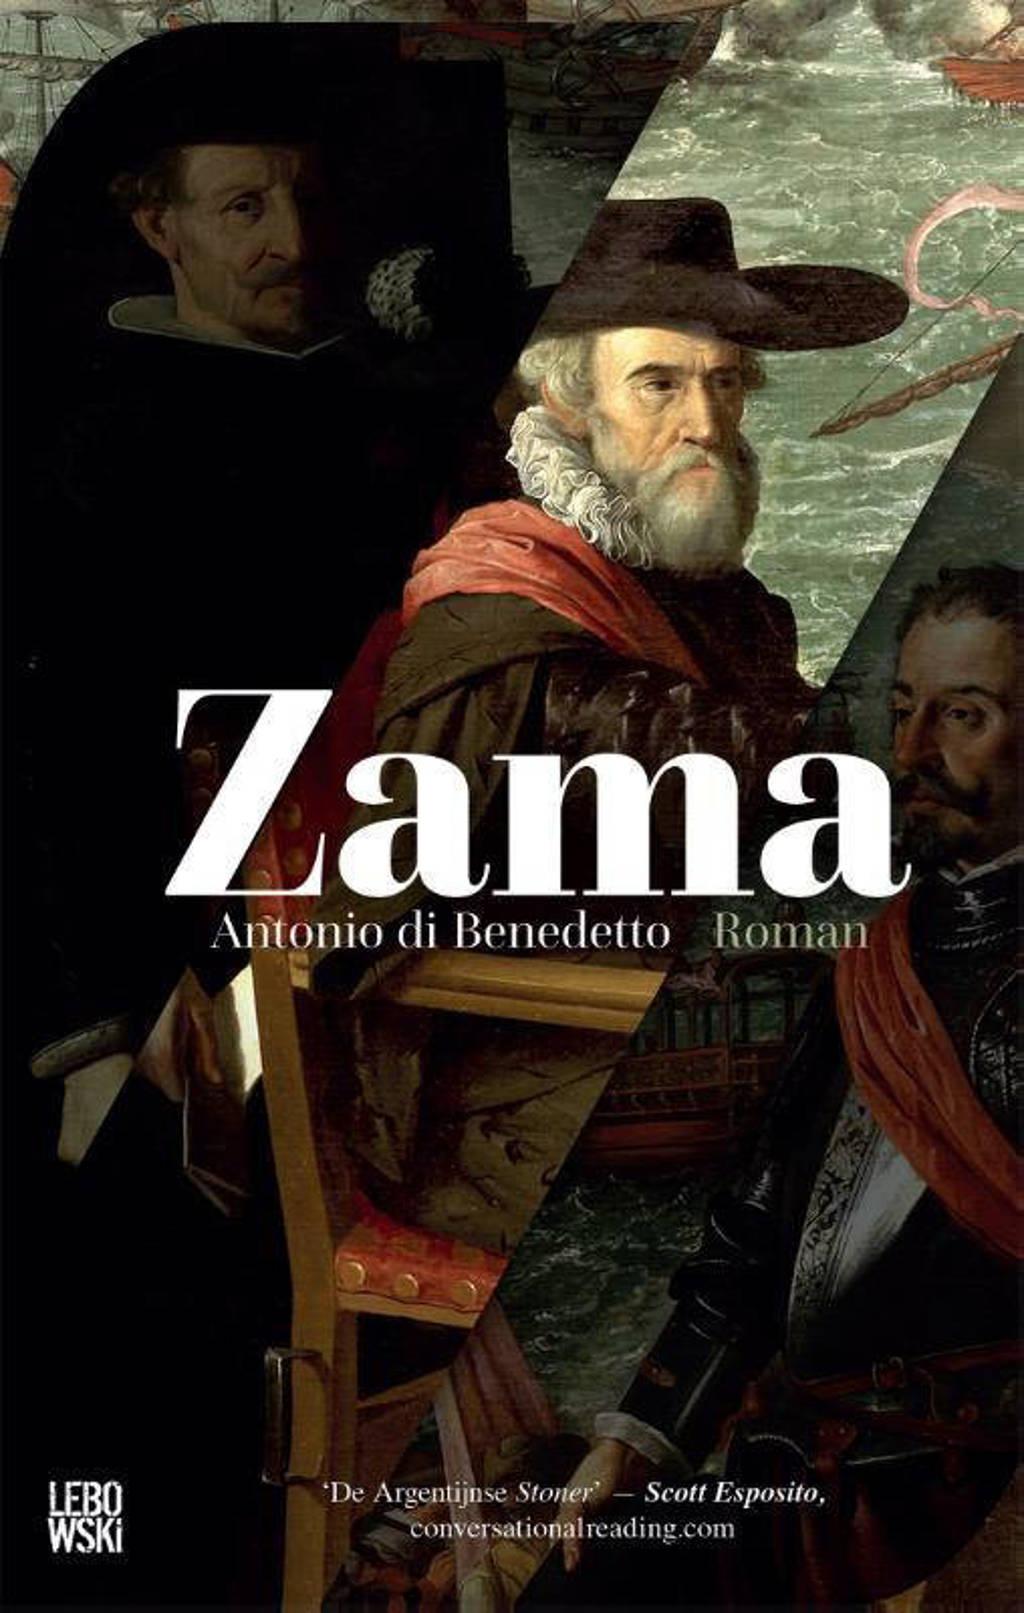 Zama - Antonio di Benedetto en